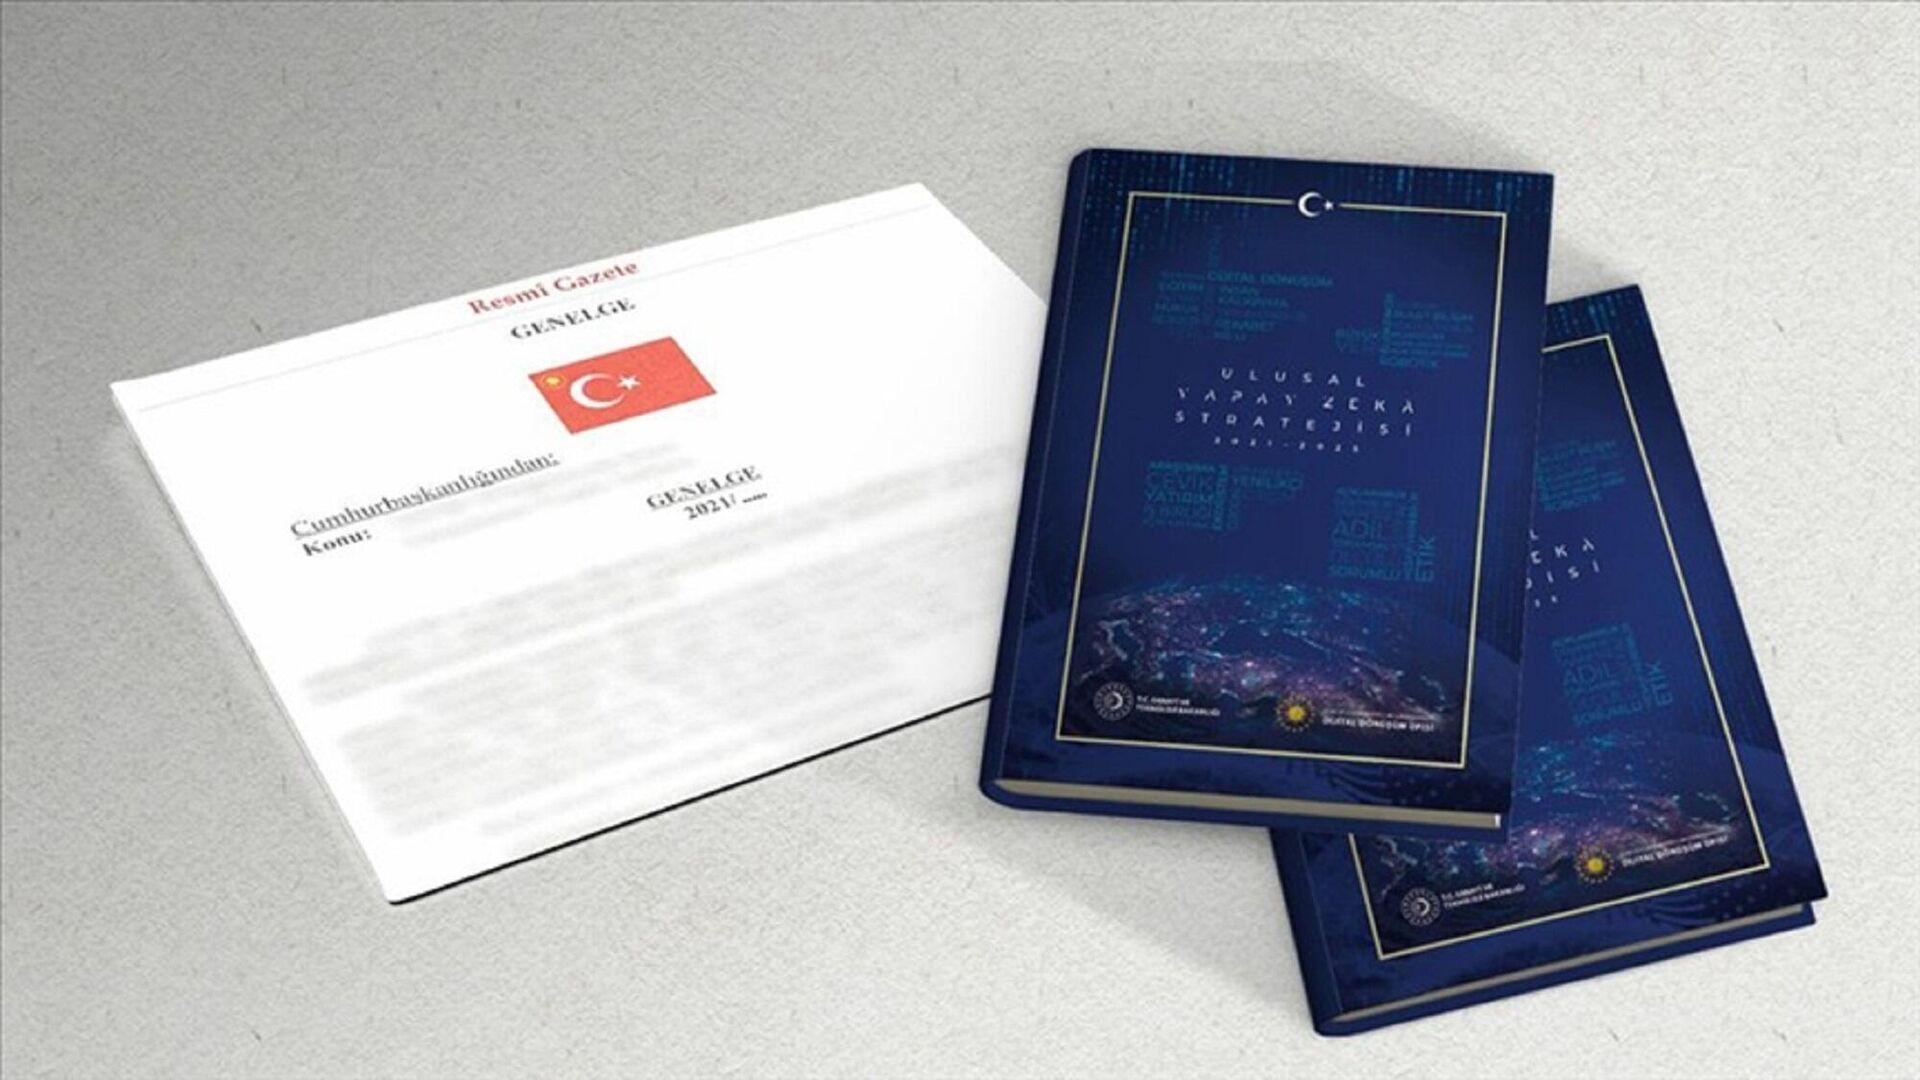 Ulusal Yapay Zeka Stratejisi, resmi gazete - Sputnik Türkiye, 1920, 20.08.2021